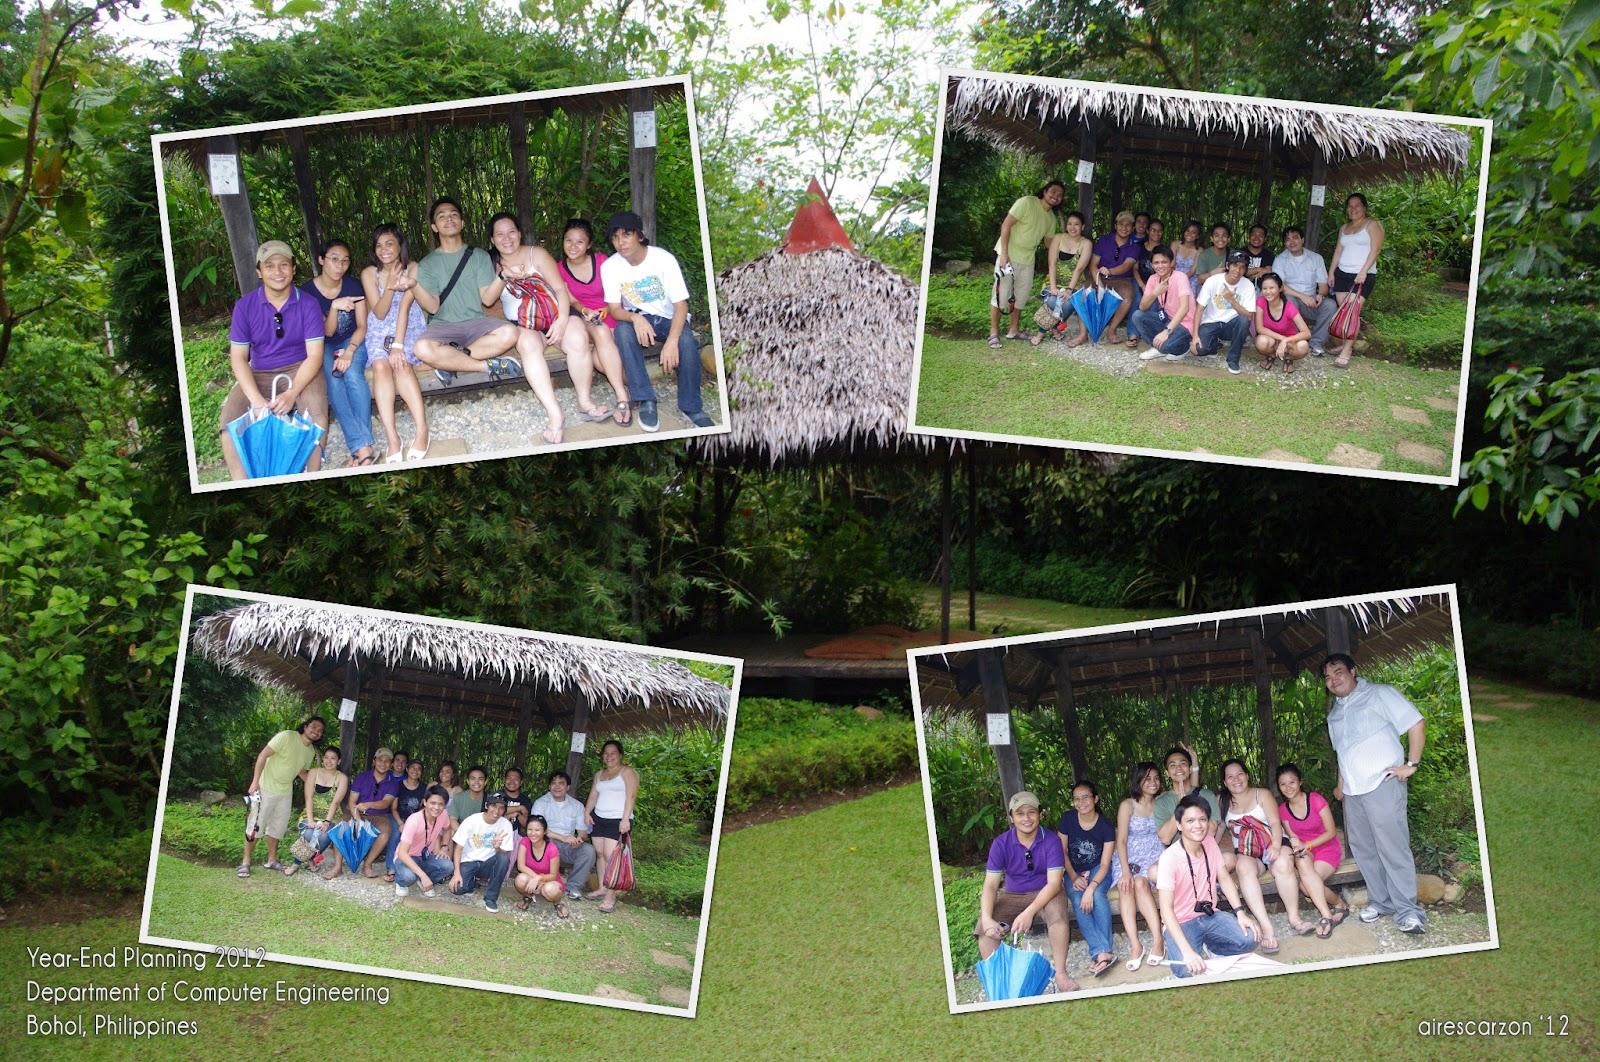 sabik kasalanan http://depaginas.com.mx/fotosde_Sabik_kasalanan_ba